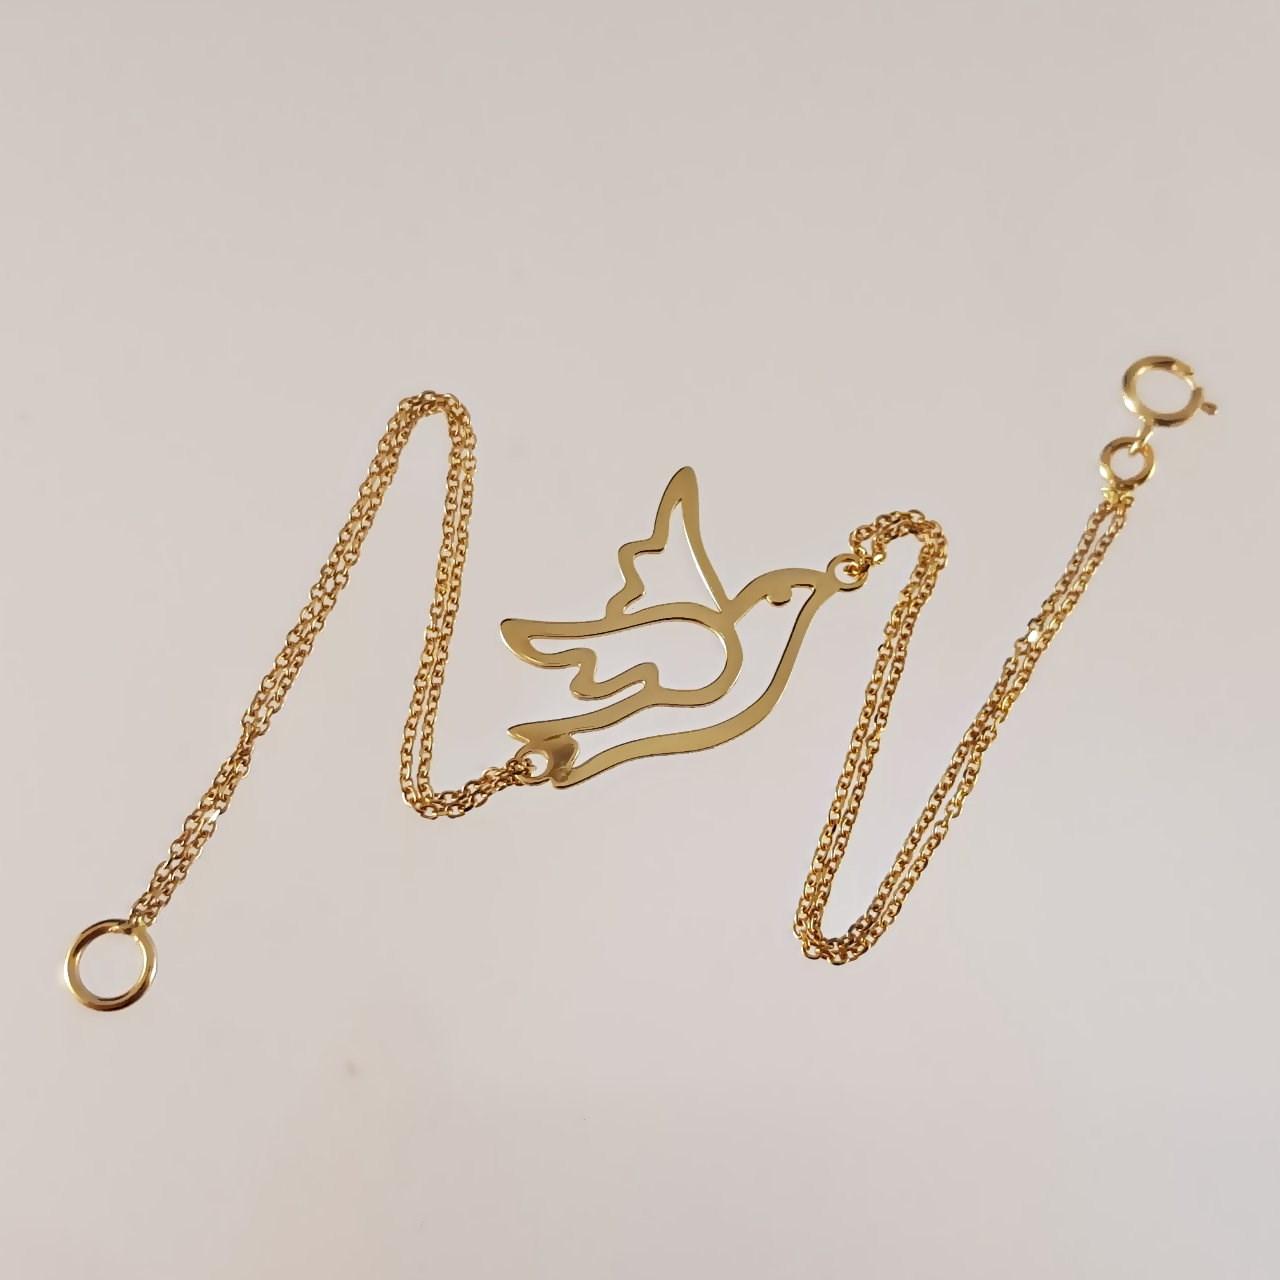 قیمت دستبند طلا 18 عیار گالری آمانژ مدل D164